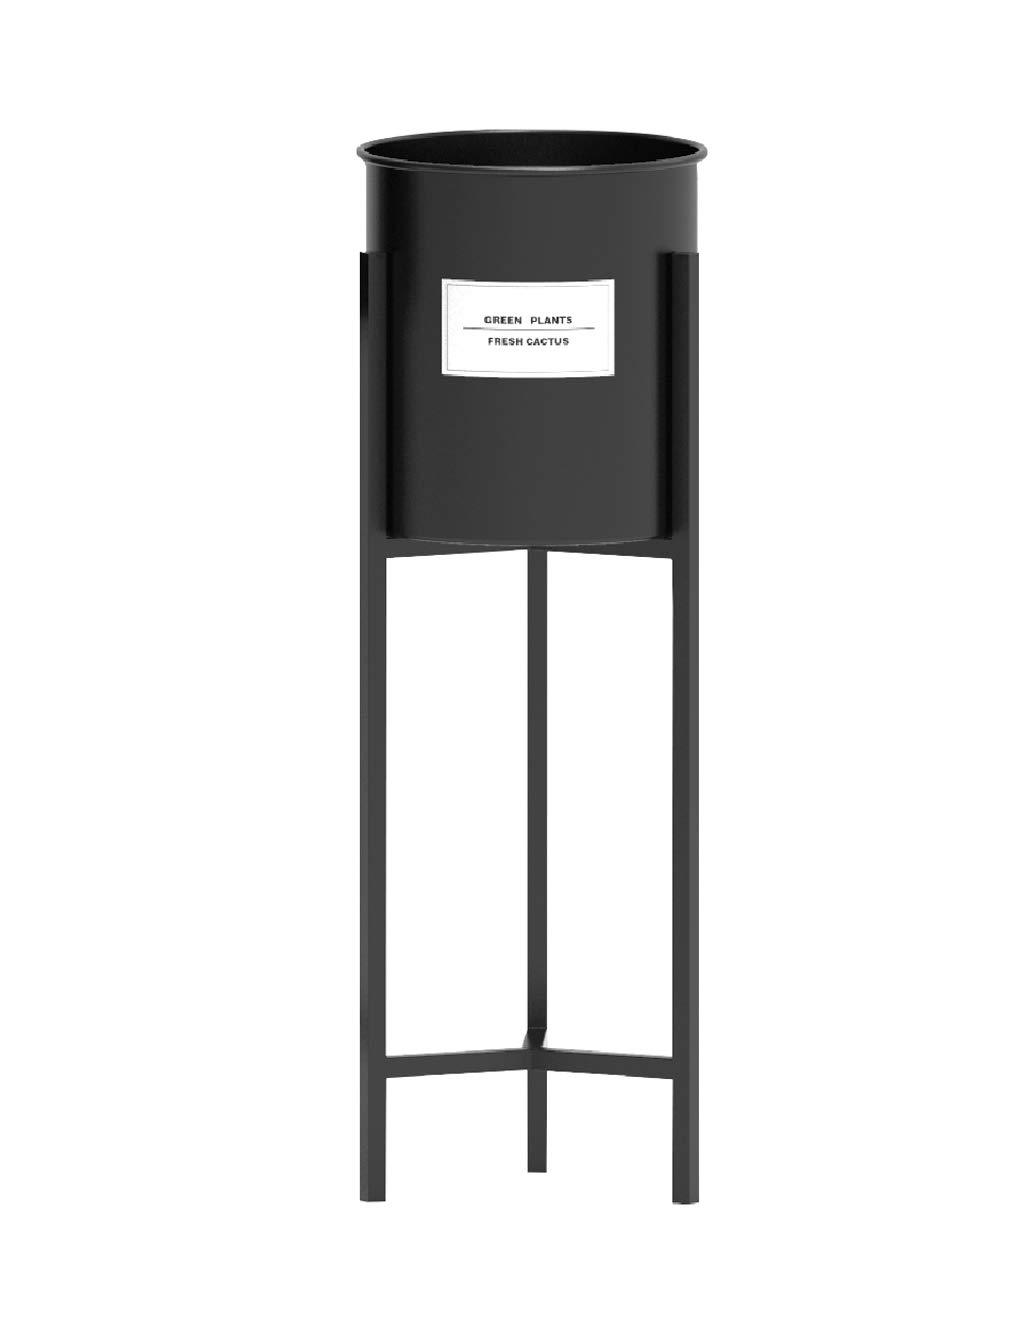 Portabottiglie retrò con pianta Alta in Metallo Porta vasi da Fiori Supporto per espositore per Interni Balcone Esterno Patio Decor Heavy Duty in Nero